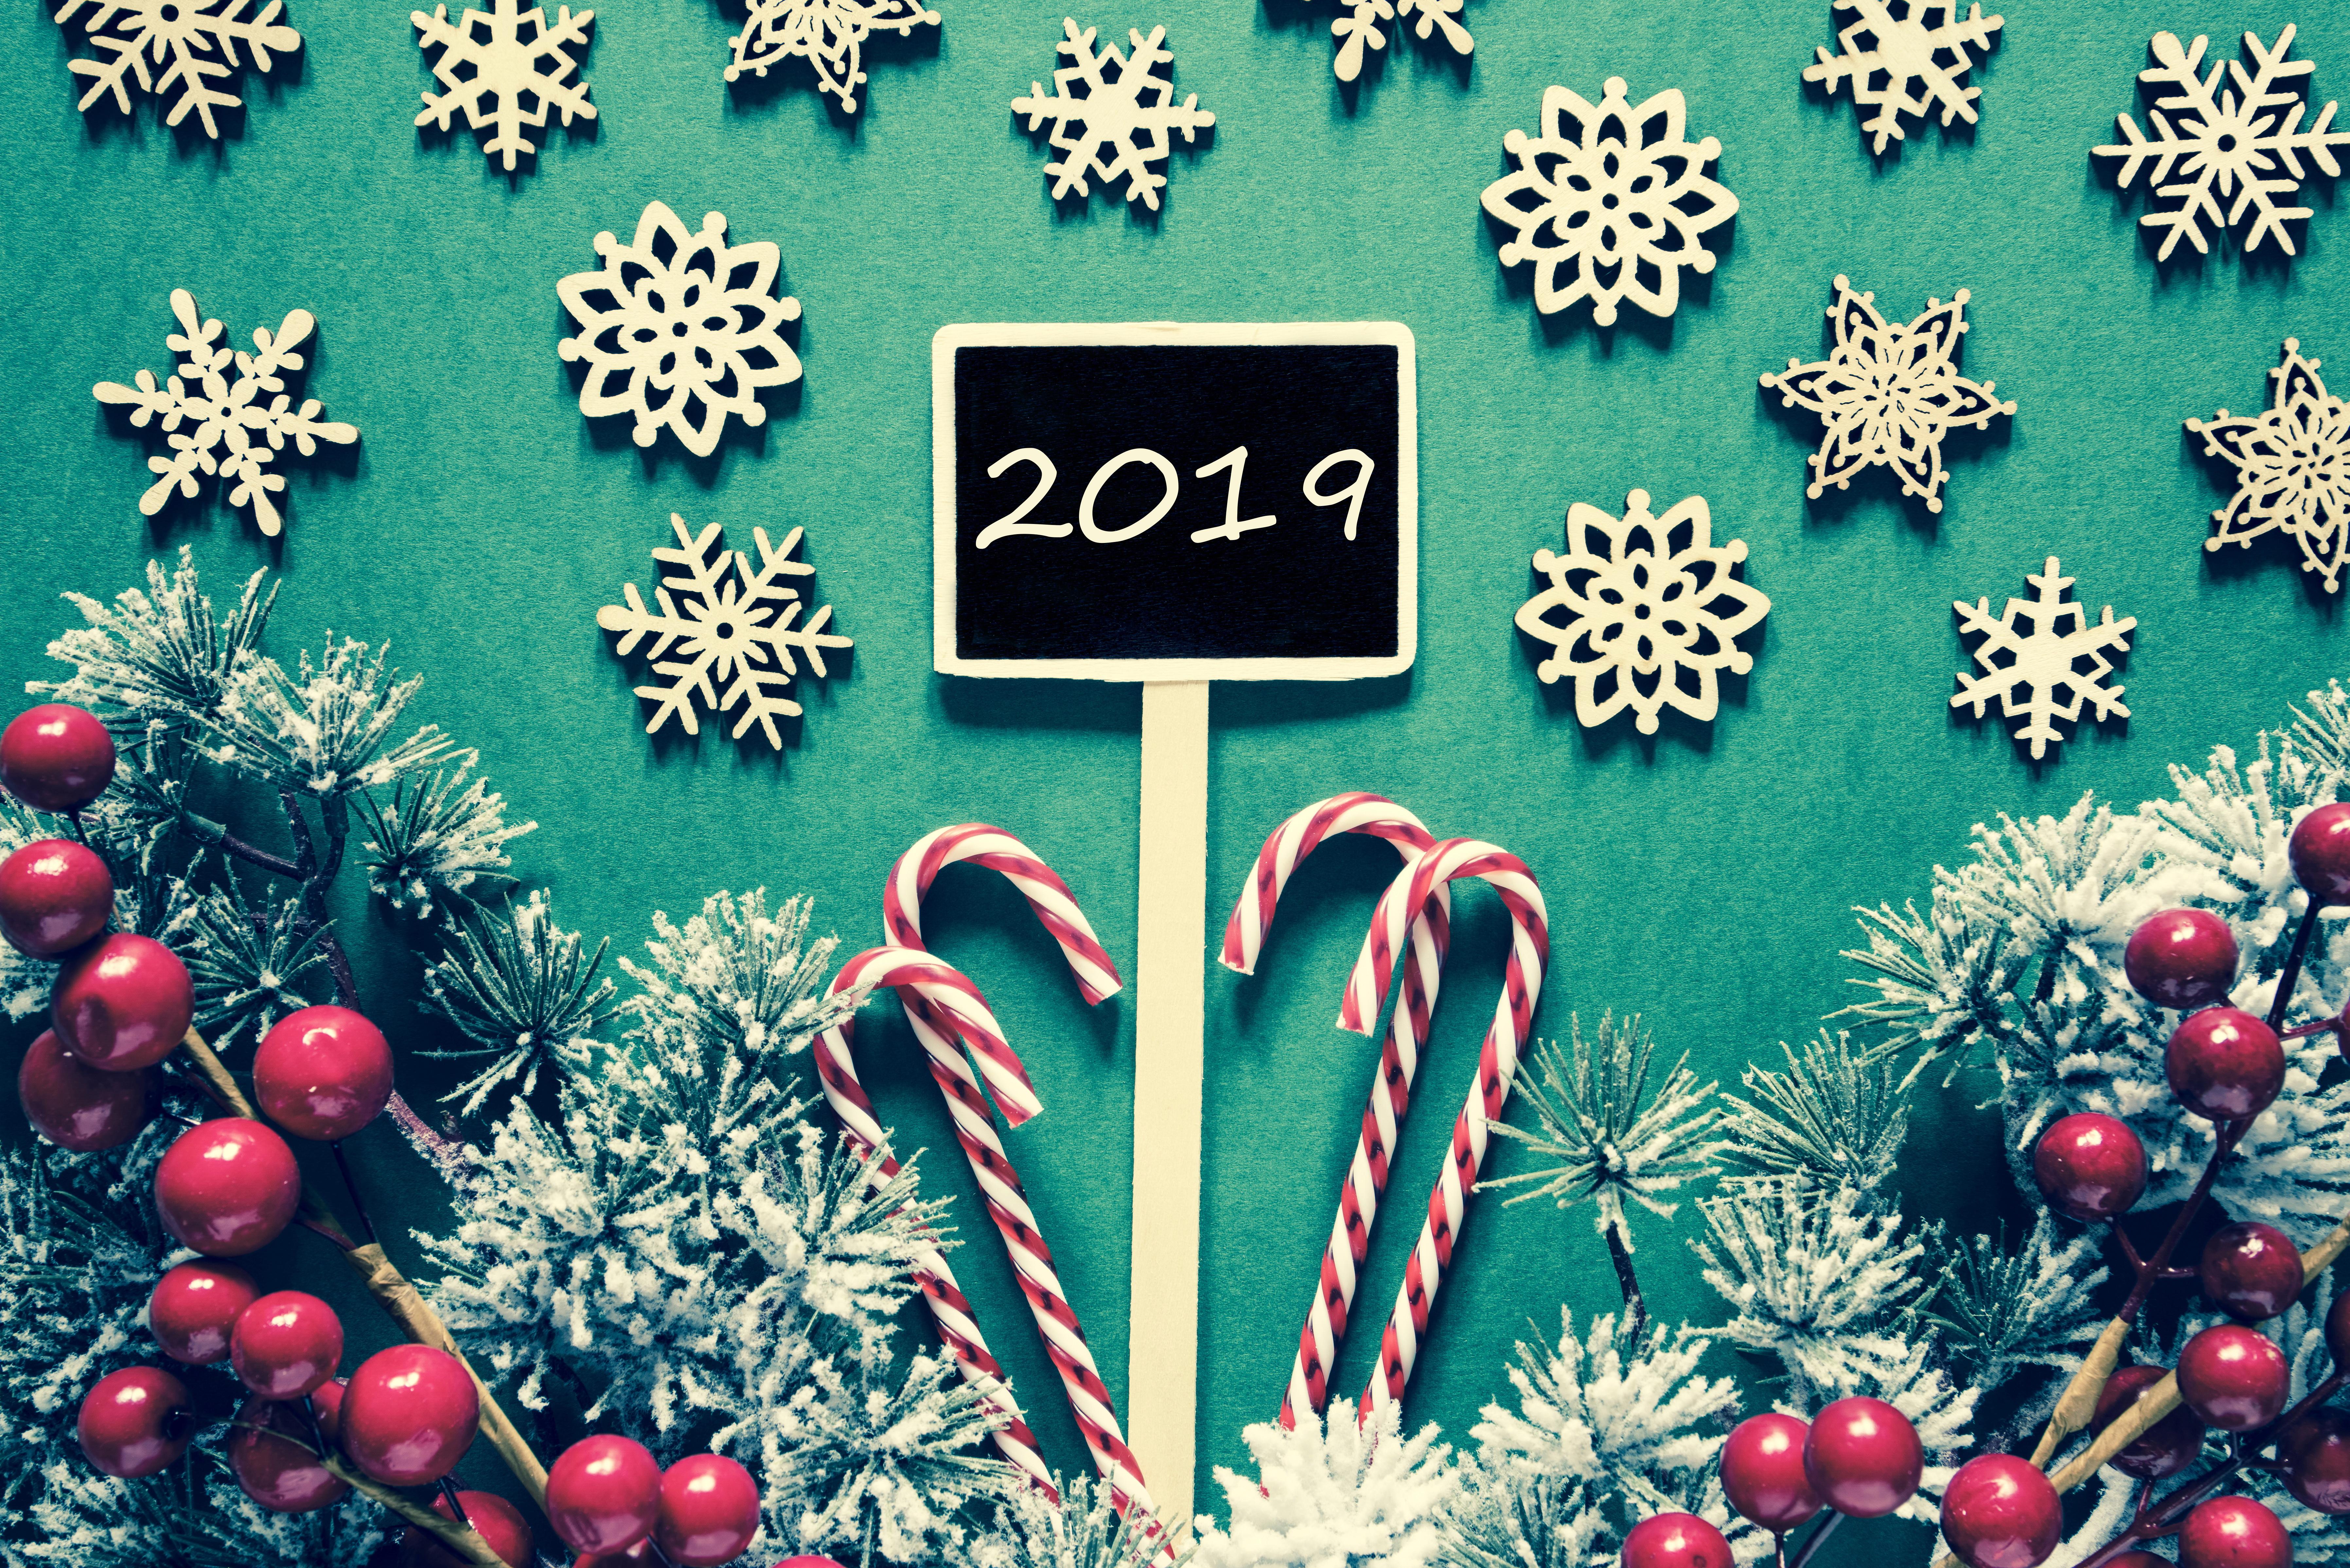 Фото 2019 Рождество Леденцы снежинка Ягоды на ветке Сладости 7183x4794 Новый год Снежинки Ветки ветка ветвь сладкая еда